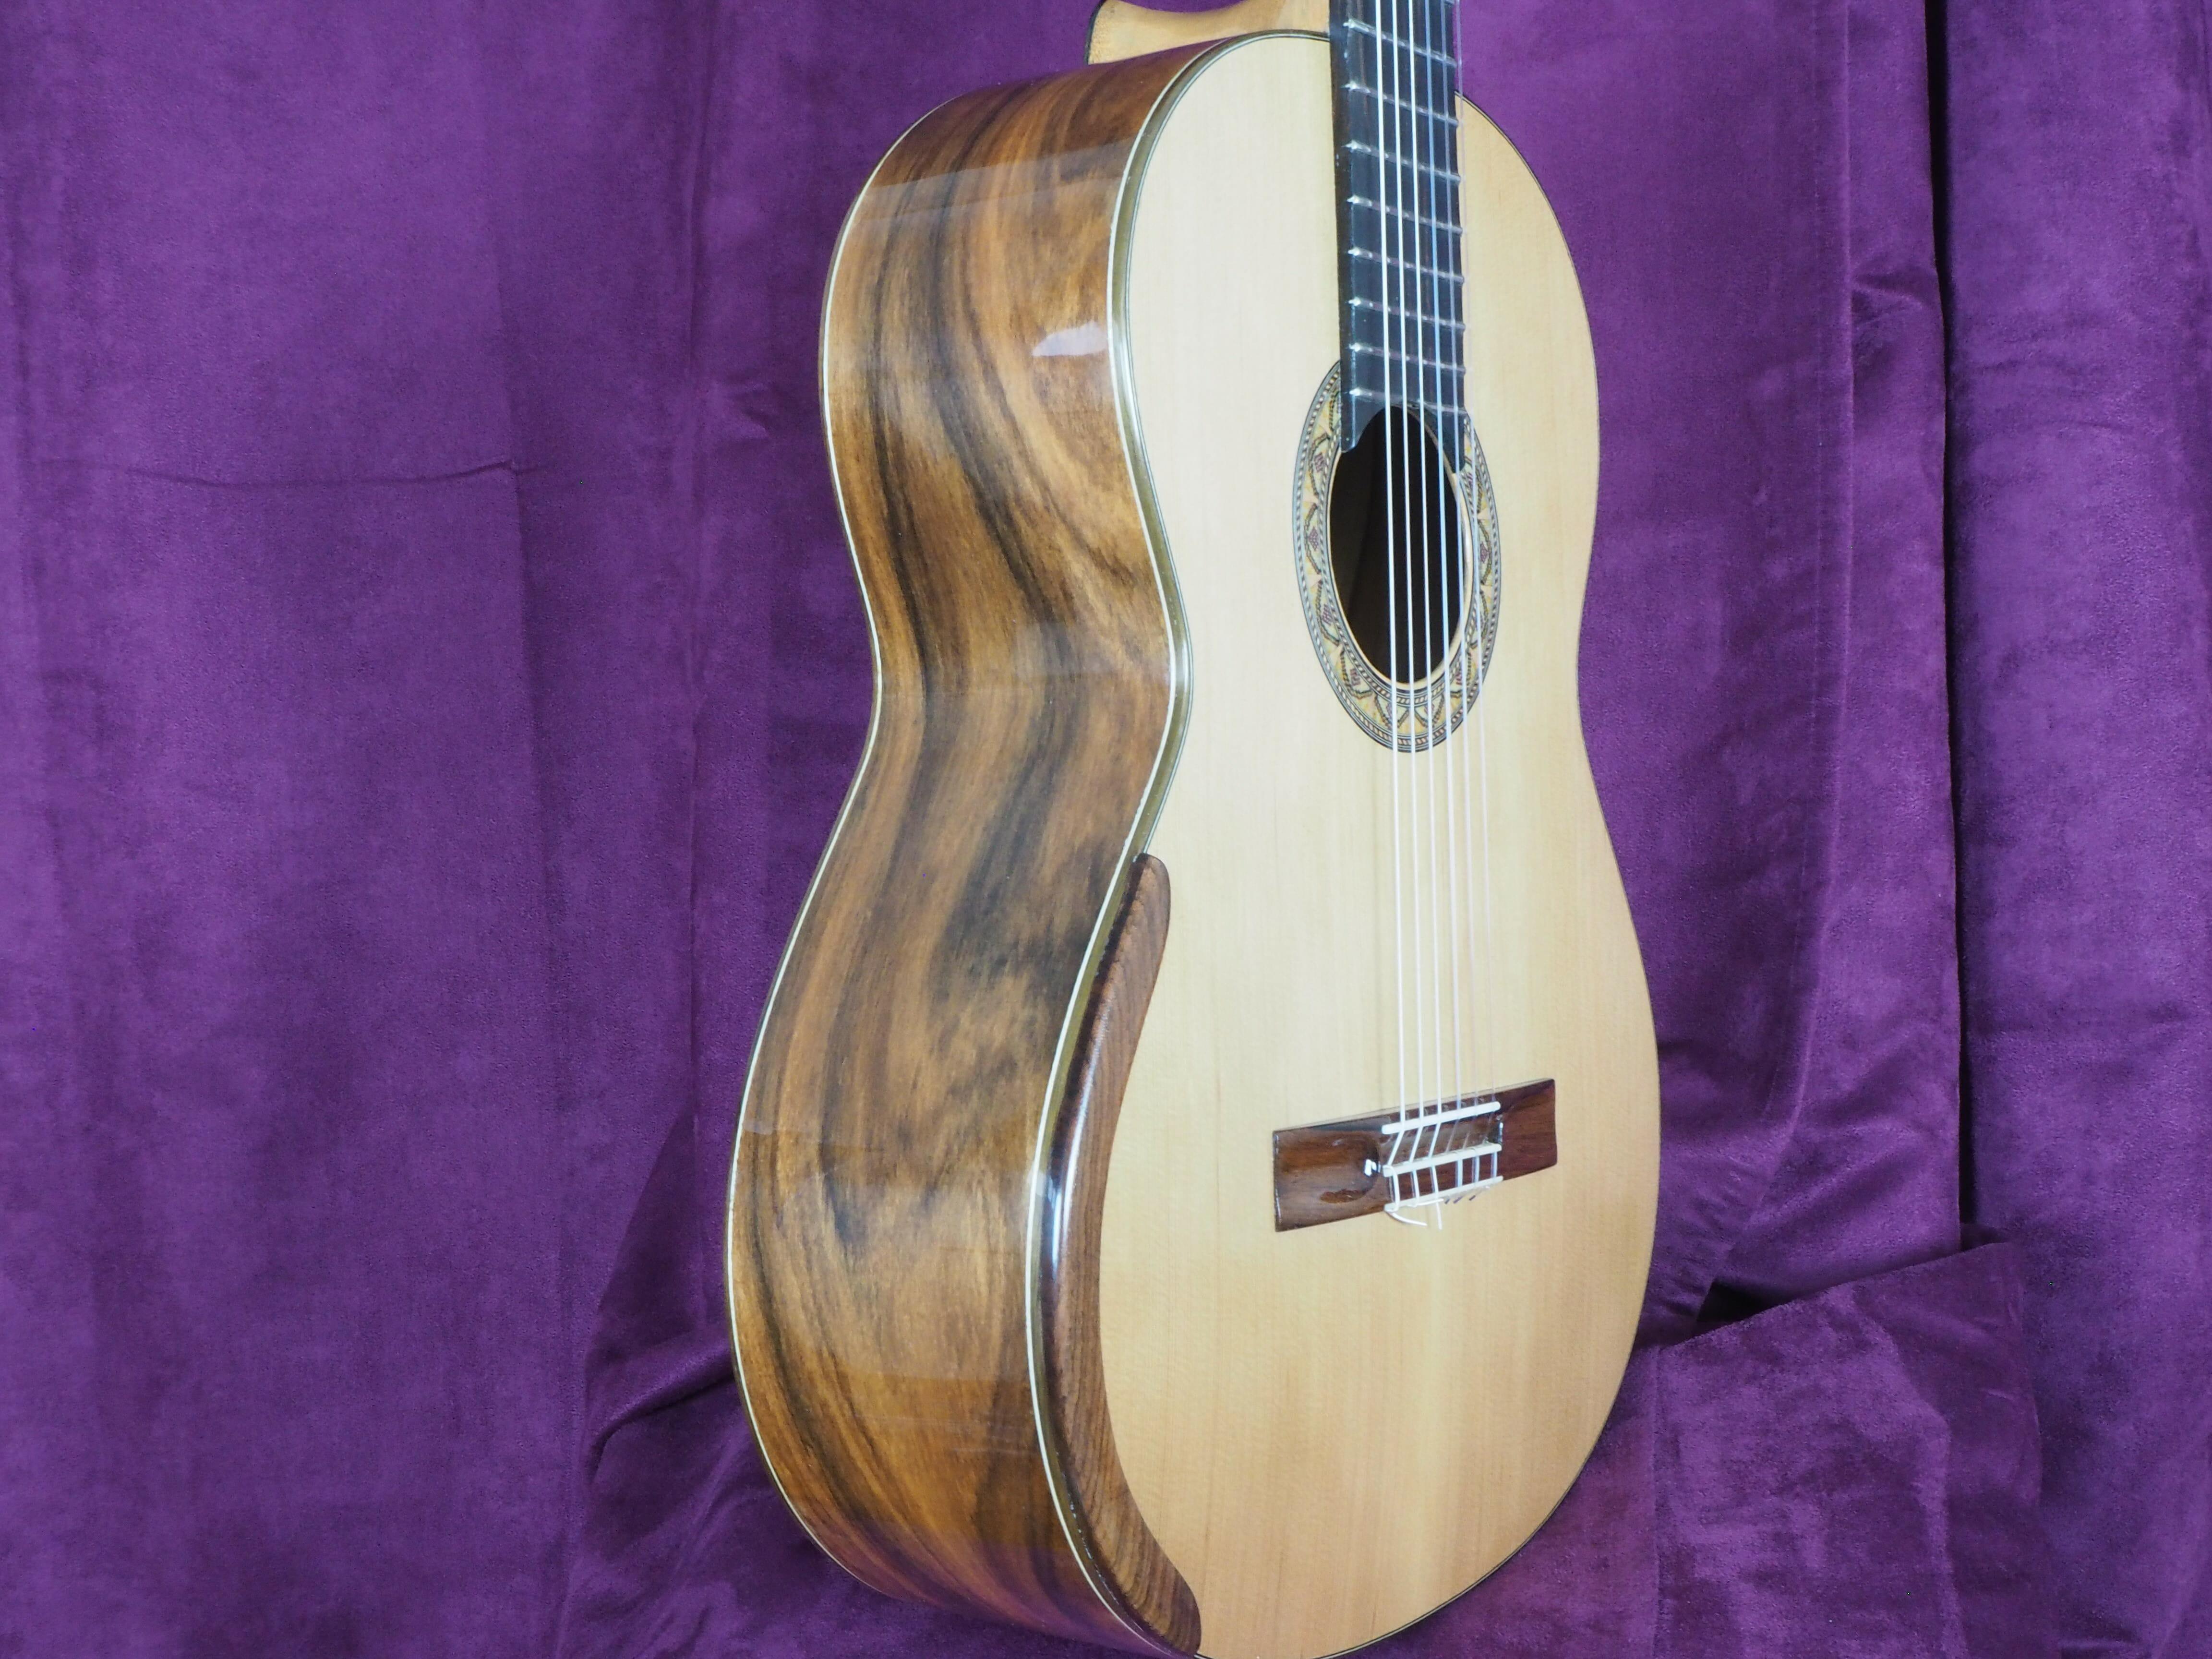 Dan Kellaway guitare classique luthier lattice